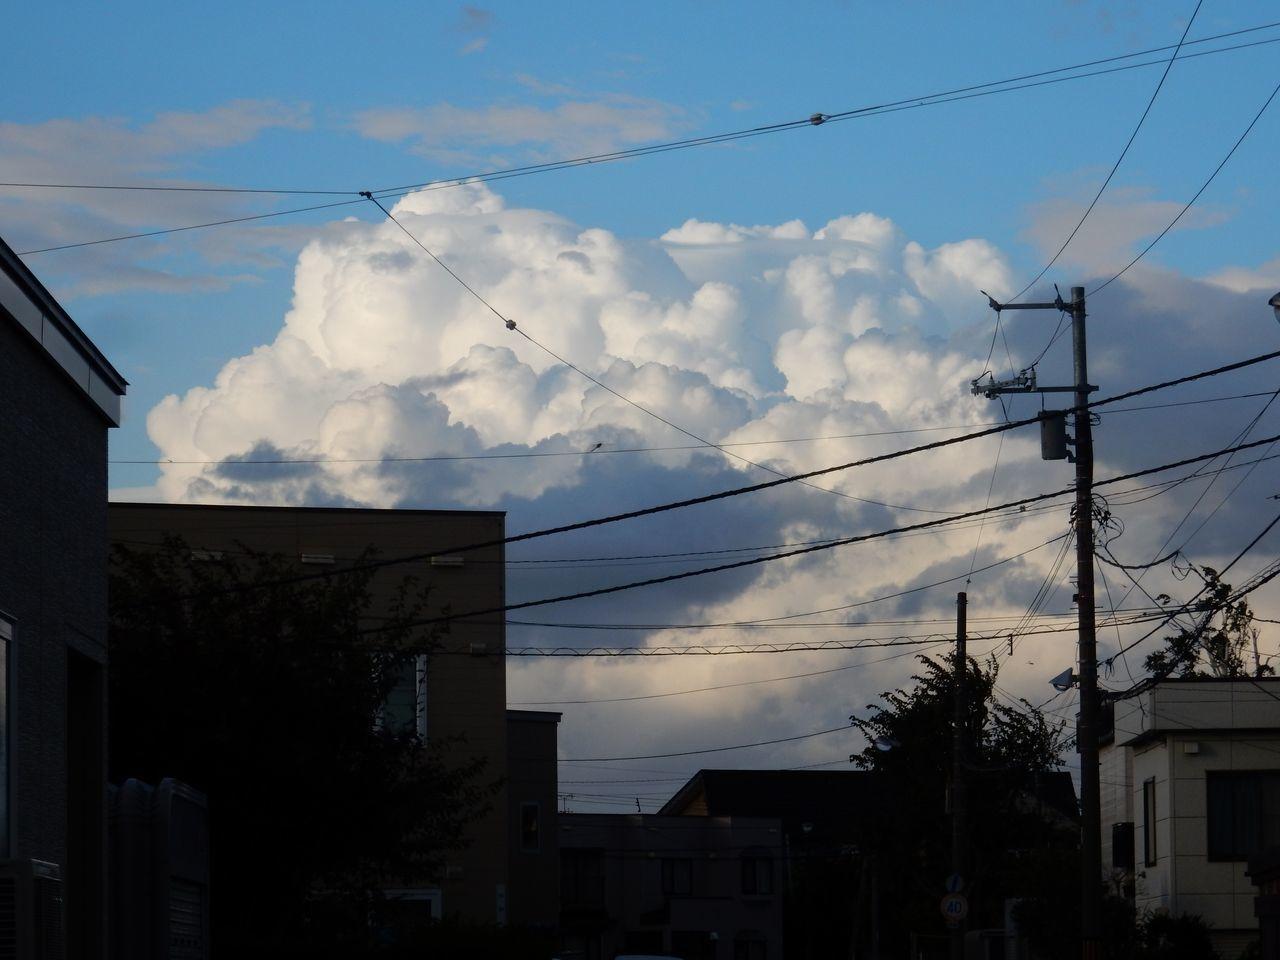 午後遅くなってからようやく「台風一過」の雰囲気に_c0025115_22525962.jpg